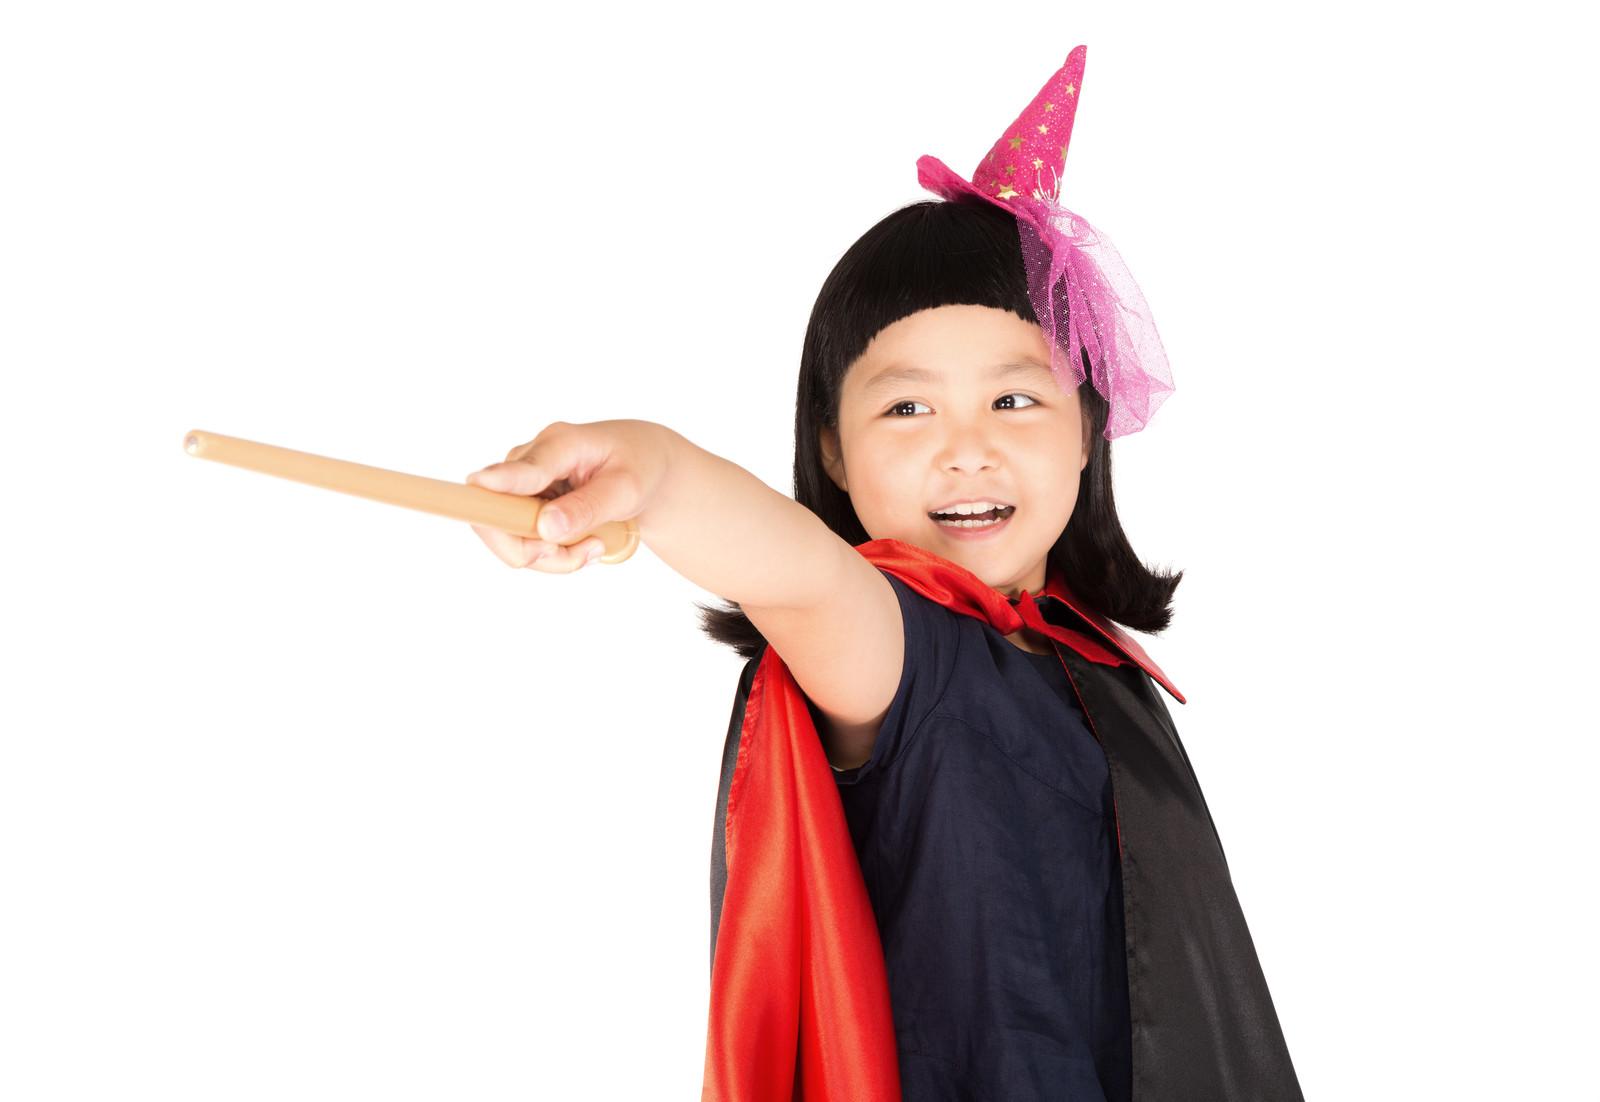 魔法使いの女の子 ハロウィン